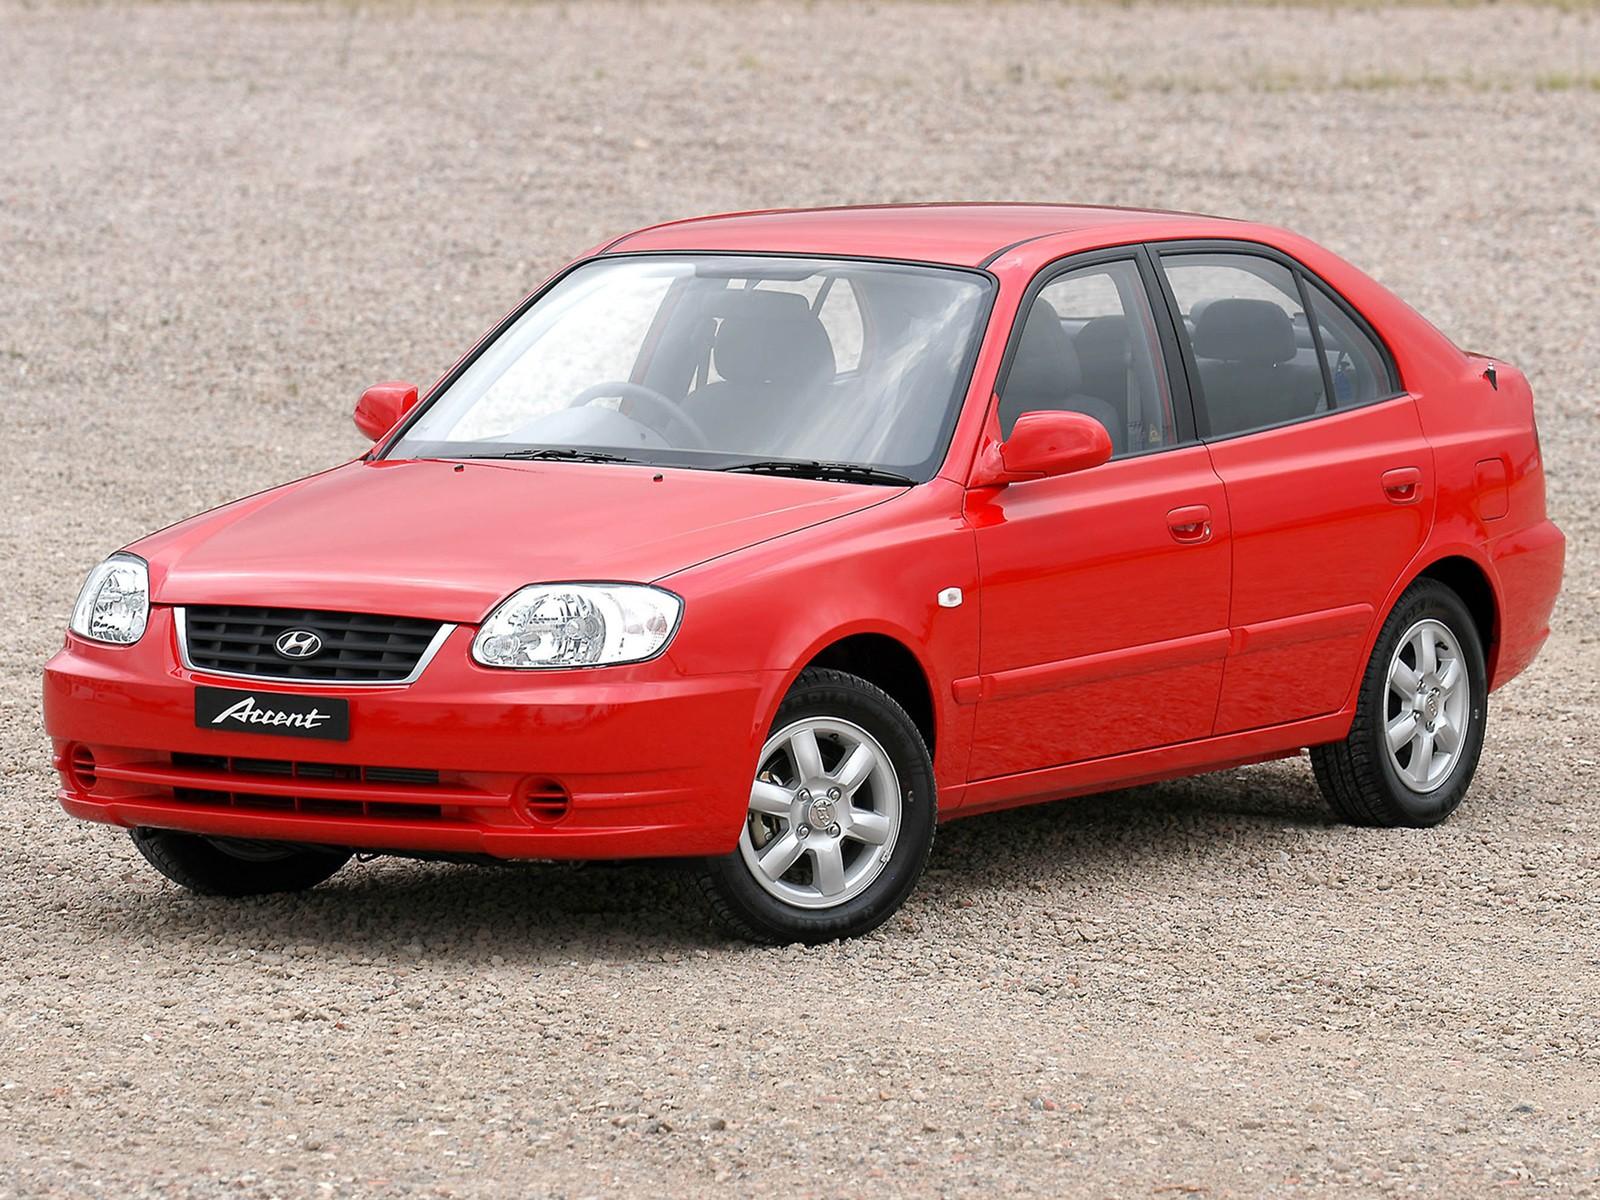 Hyundai Accent 5 Doors Specs 2003 2004 2005 2006